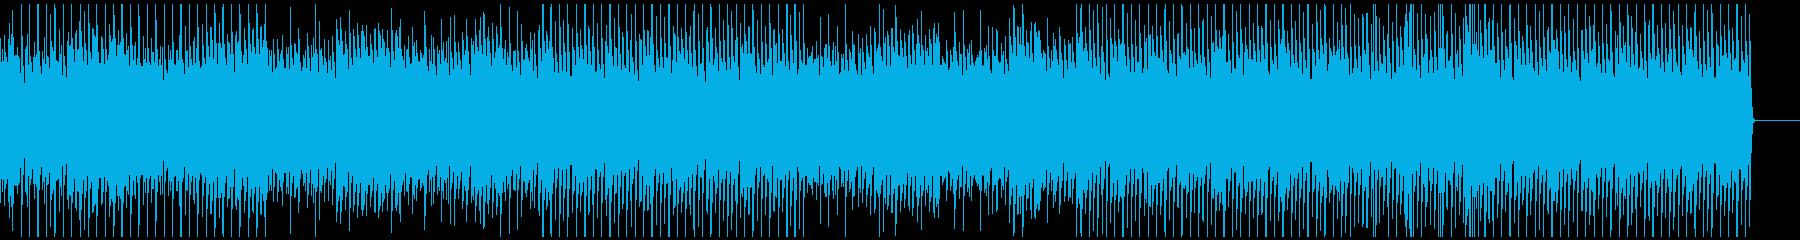 アコースティックセンチメンタル#26−4の再生済みの波形